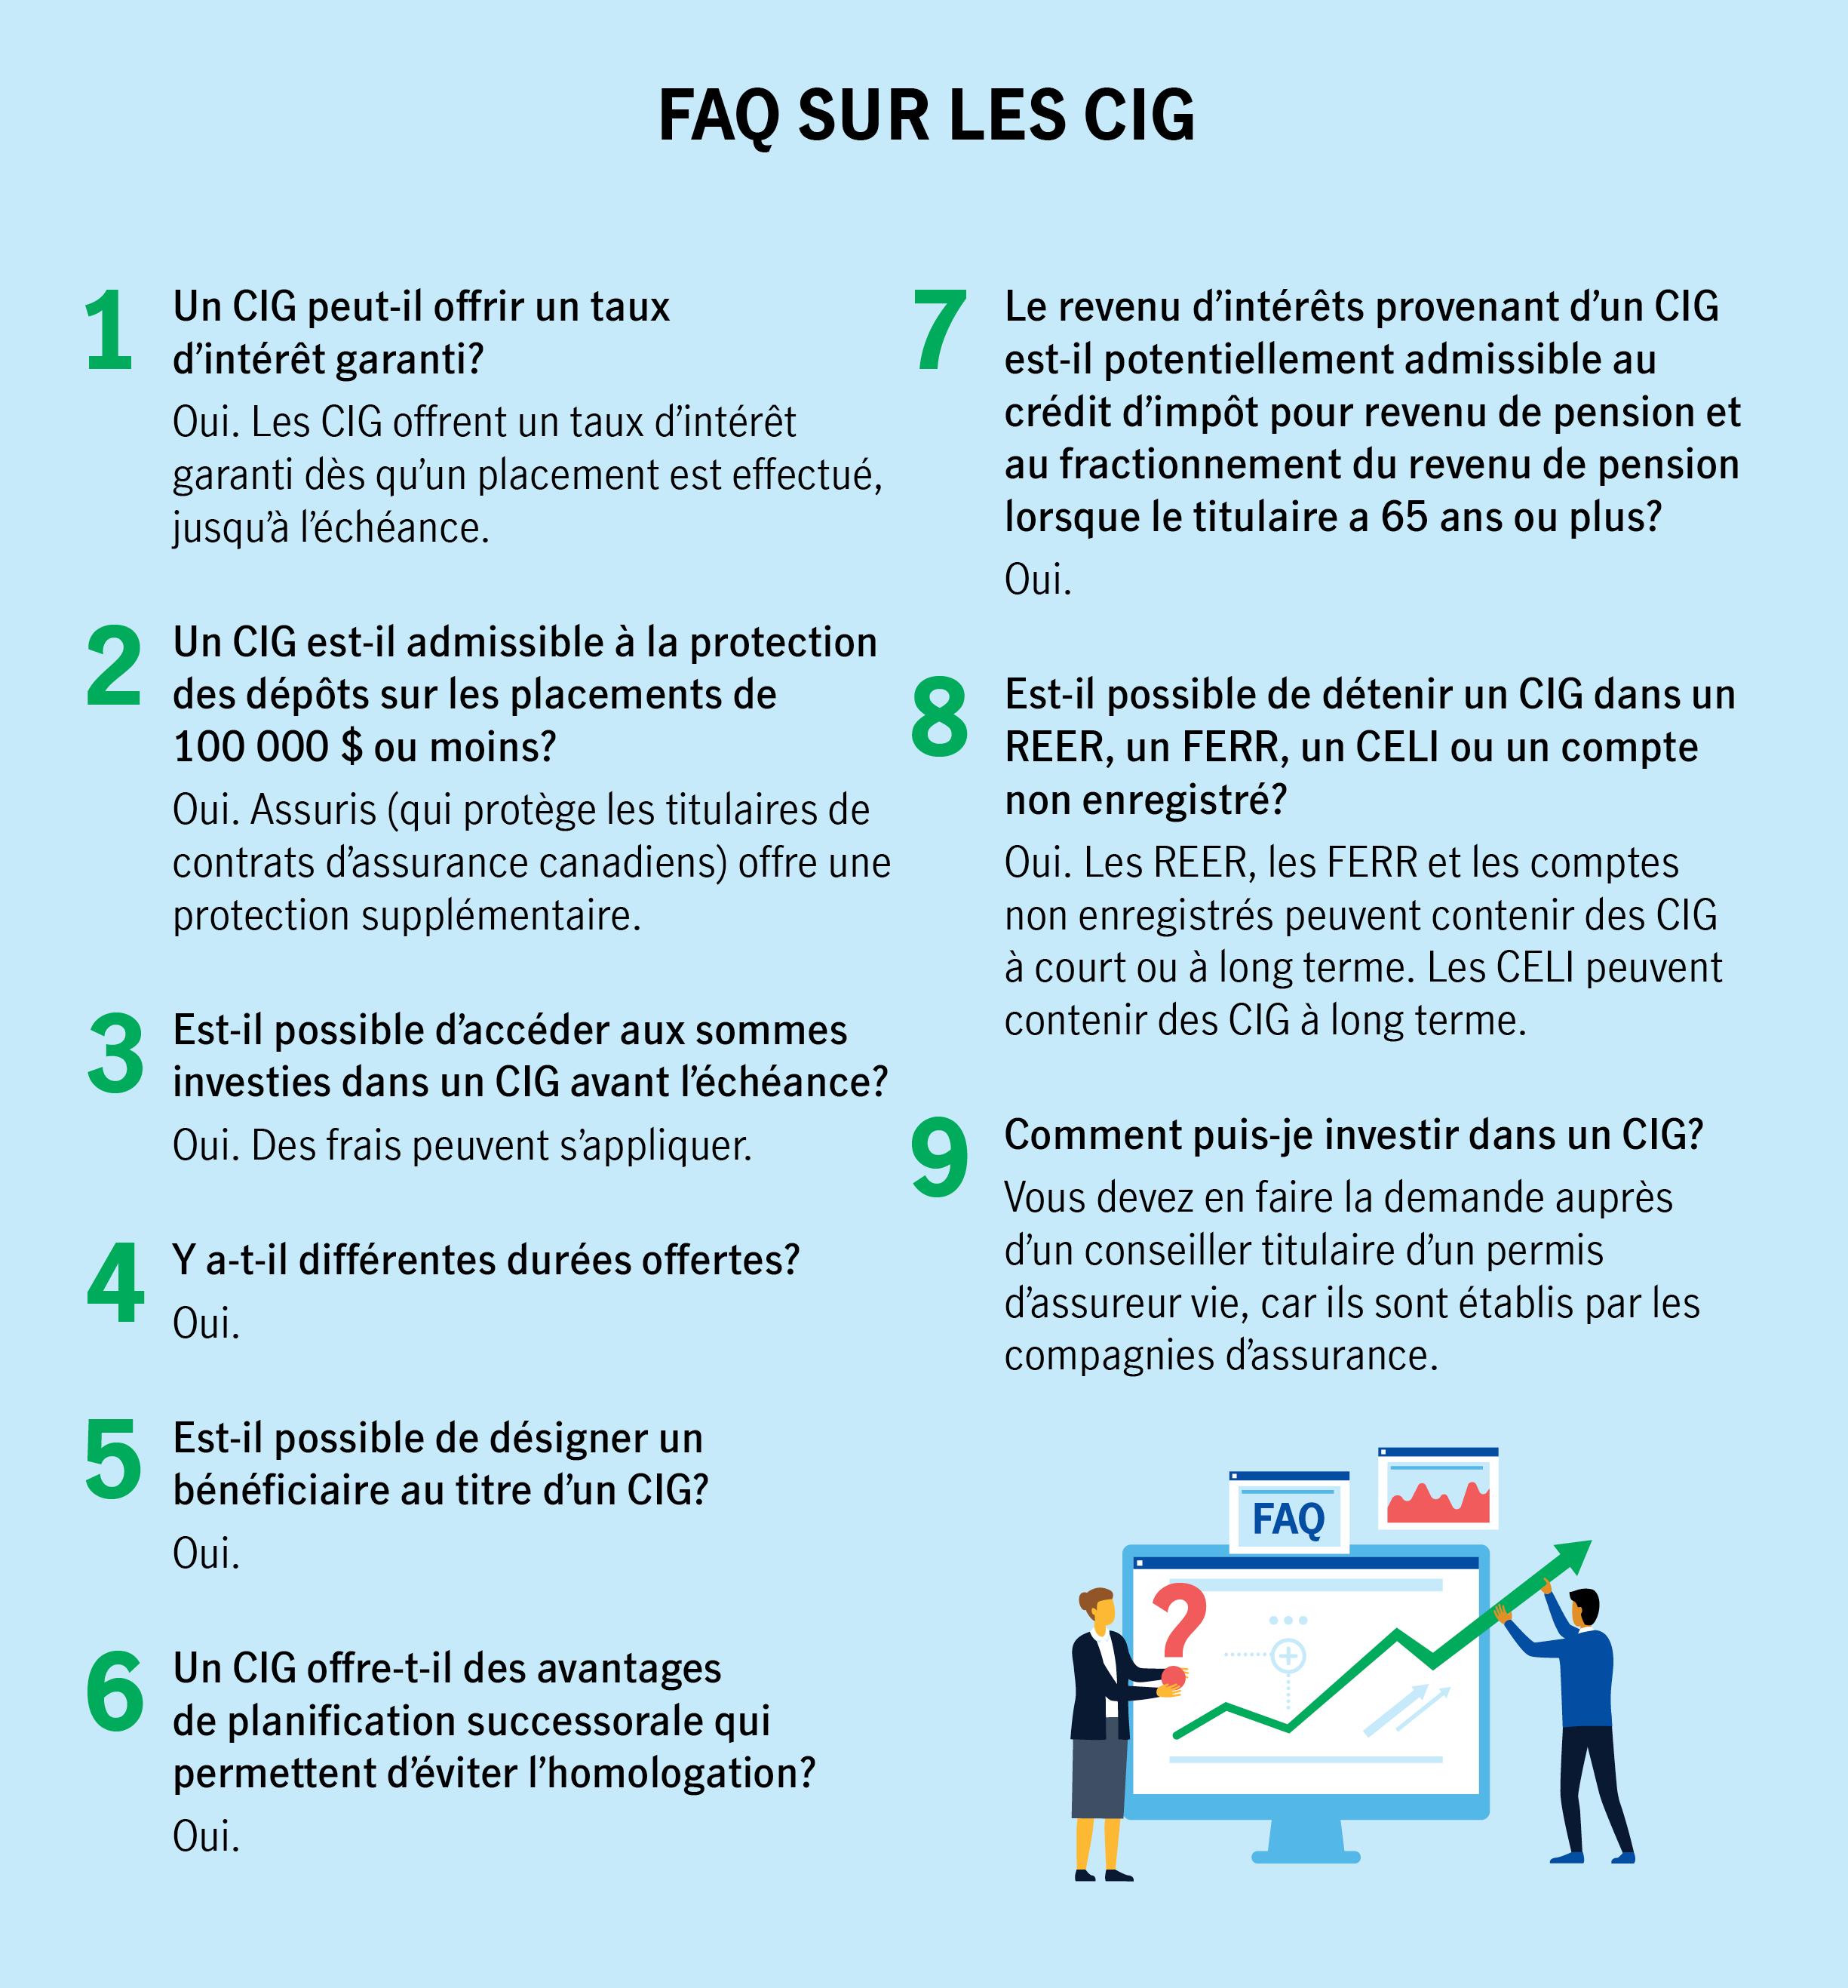 FAQ SUR LES CIG  1.Un CIG peut-il offrir un taux d'intérêt garanti? Oui. Les CIG offrent un taux d'intérêt garanti dès qu'un placement est effectué, jusqu'à l'échéance.  2.Un CIG est-il admissible à la protection des dépôts sur les placements de 100 000 $ ou moins? Oui. Assuris (qui protège les titulaires de contrats d'assurance canadiens) offre une protection supplémentaire.  3.Est-il possible d'accéder aux sommes investies dans un CIG avant l'échéance? Oui. Des frais peuvent s'appliquer. 4.Y a-t-il différentes durées offertes? Oui.  5.Est-il possible de désigner un bénéficiaire au titre d'un CIG? Oui. 6.Un CIG offre-t-il des avantages de planification successorale qui permettent d'éviter l'homologation? Oui. 7.Le revenu d'intérêts provenant d'un CIG est-il potentiellement admissible au crédit d'impôt pour revenu de pension et au fractionnement du revenu de pension lorsque le titulaire a 65 ans ou plus? Oui. 8.Est-il possible de détenir un CIG dans un REER, un FERR, un CELI ou un compte non enregistré? Oui. Les REER, les FERR et les comptes non enregistrés peuvent contenir des CIG à court ou à long terme. Les CELI peuvent contenir des CIG à long terme. 9.Comment puis-je investir dans un CIG? Vous devez en faire la demande auprès d'un conseiller titulaire d'un permis d'assureur vie, car ils sont établis par les compagnies d'assurance.